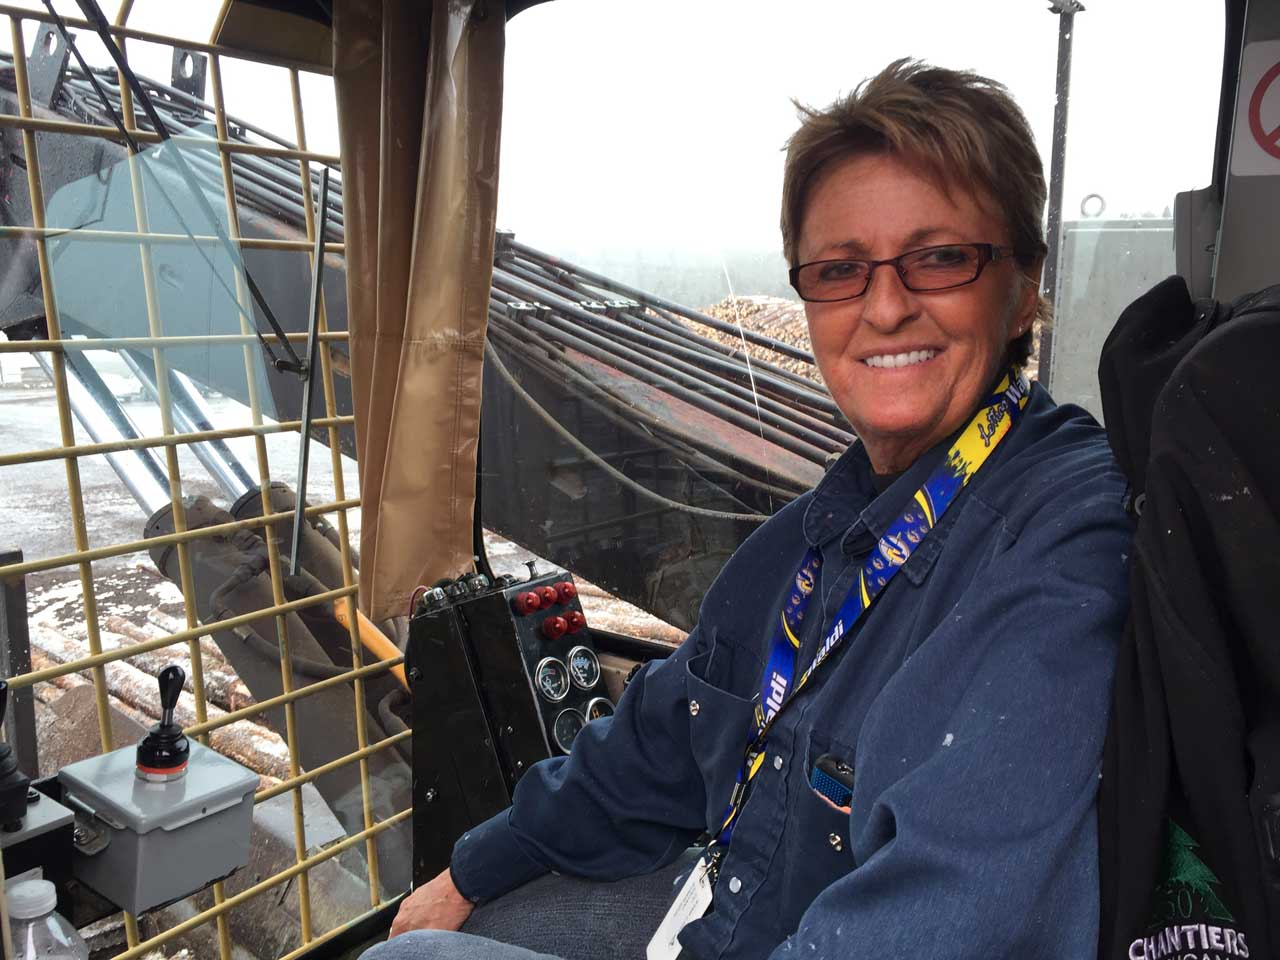 Lily Gallant, opératrice de chargeuse chez Chantiers Chibougamau